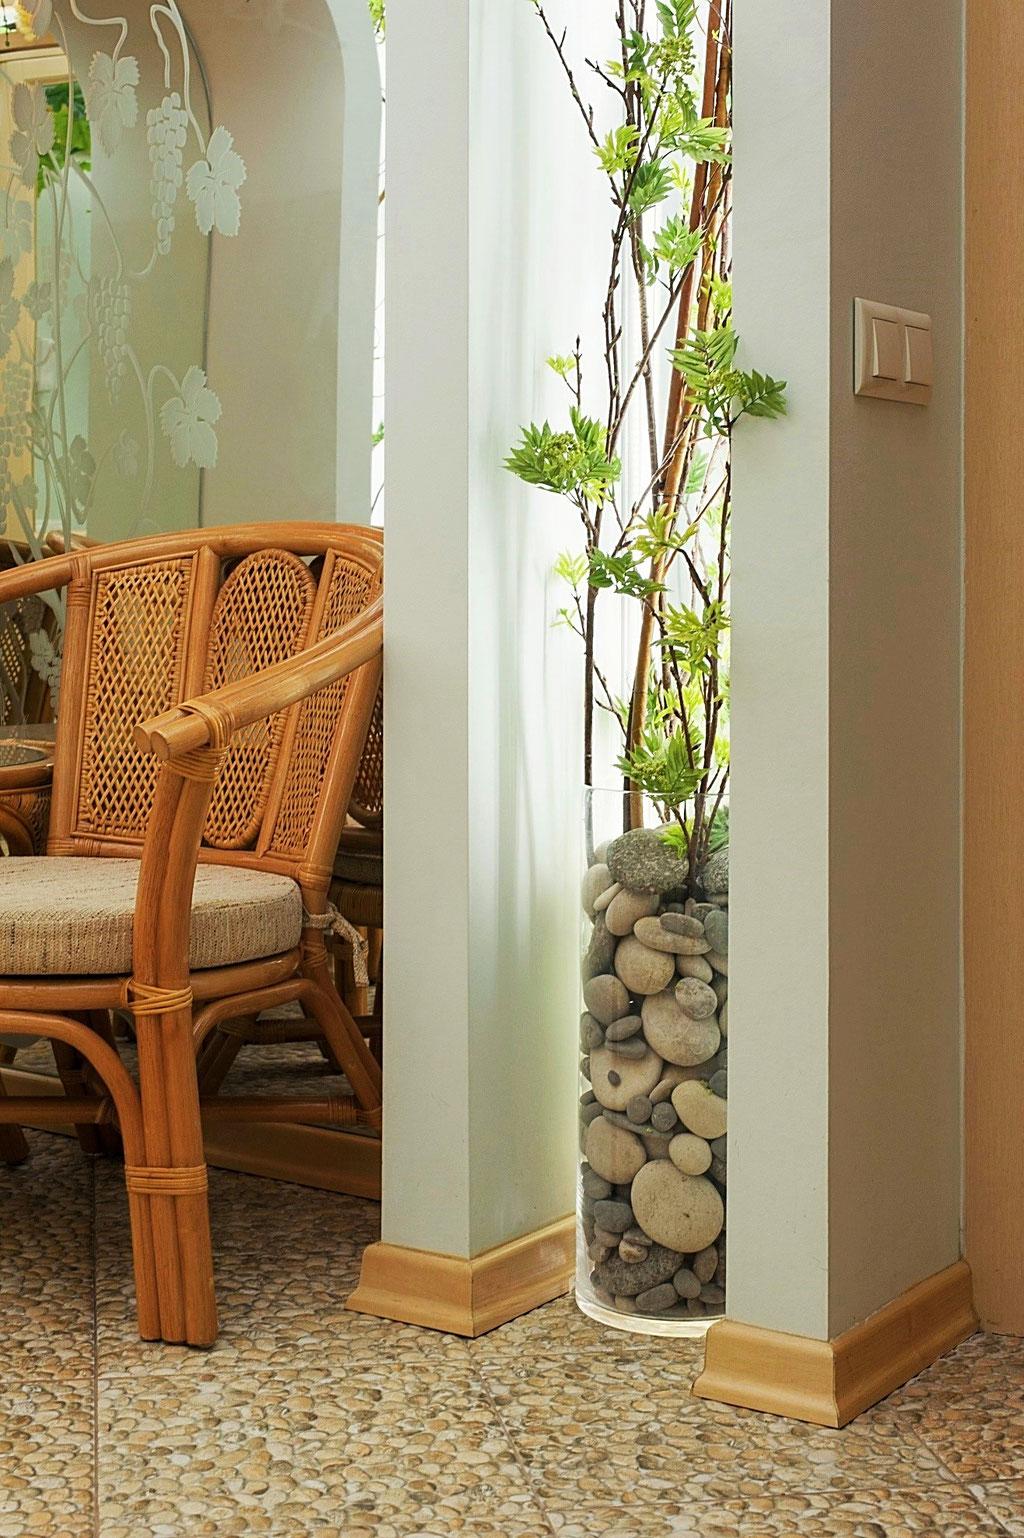 Дизайн интерьера холла. Фотография 2